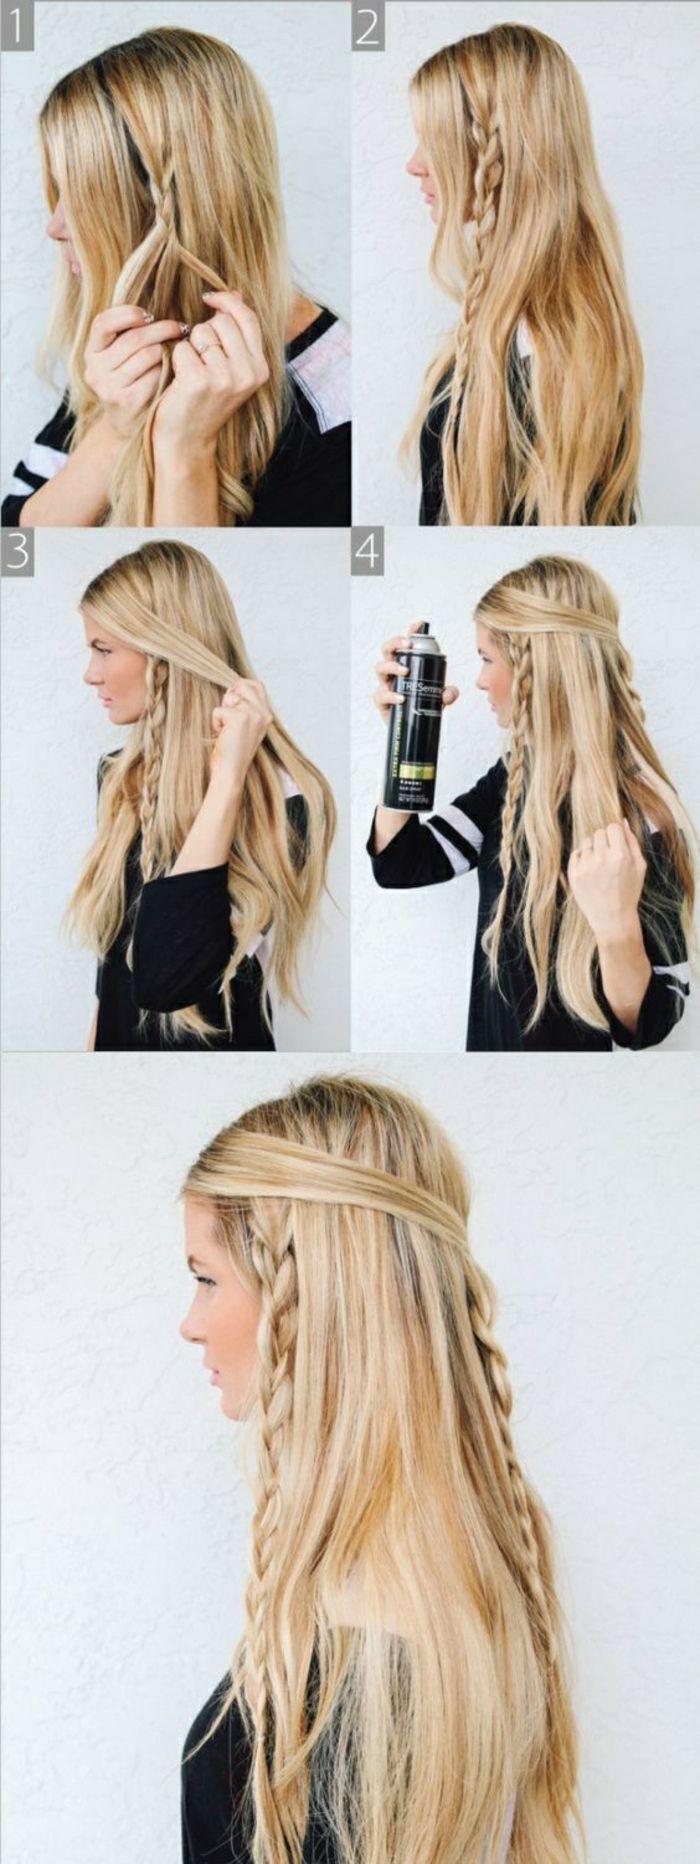 ▷ Más de 1001 ideas e instrucciones sobre cómo hacer peinados trenzados usted mismo